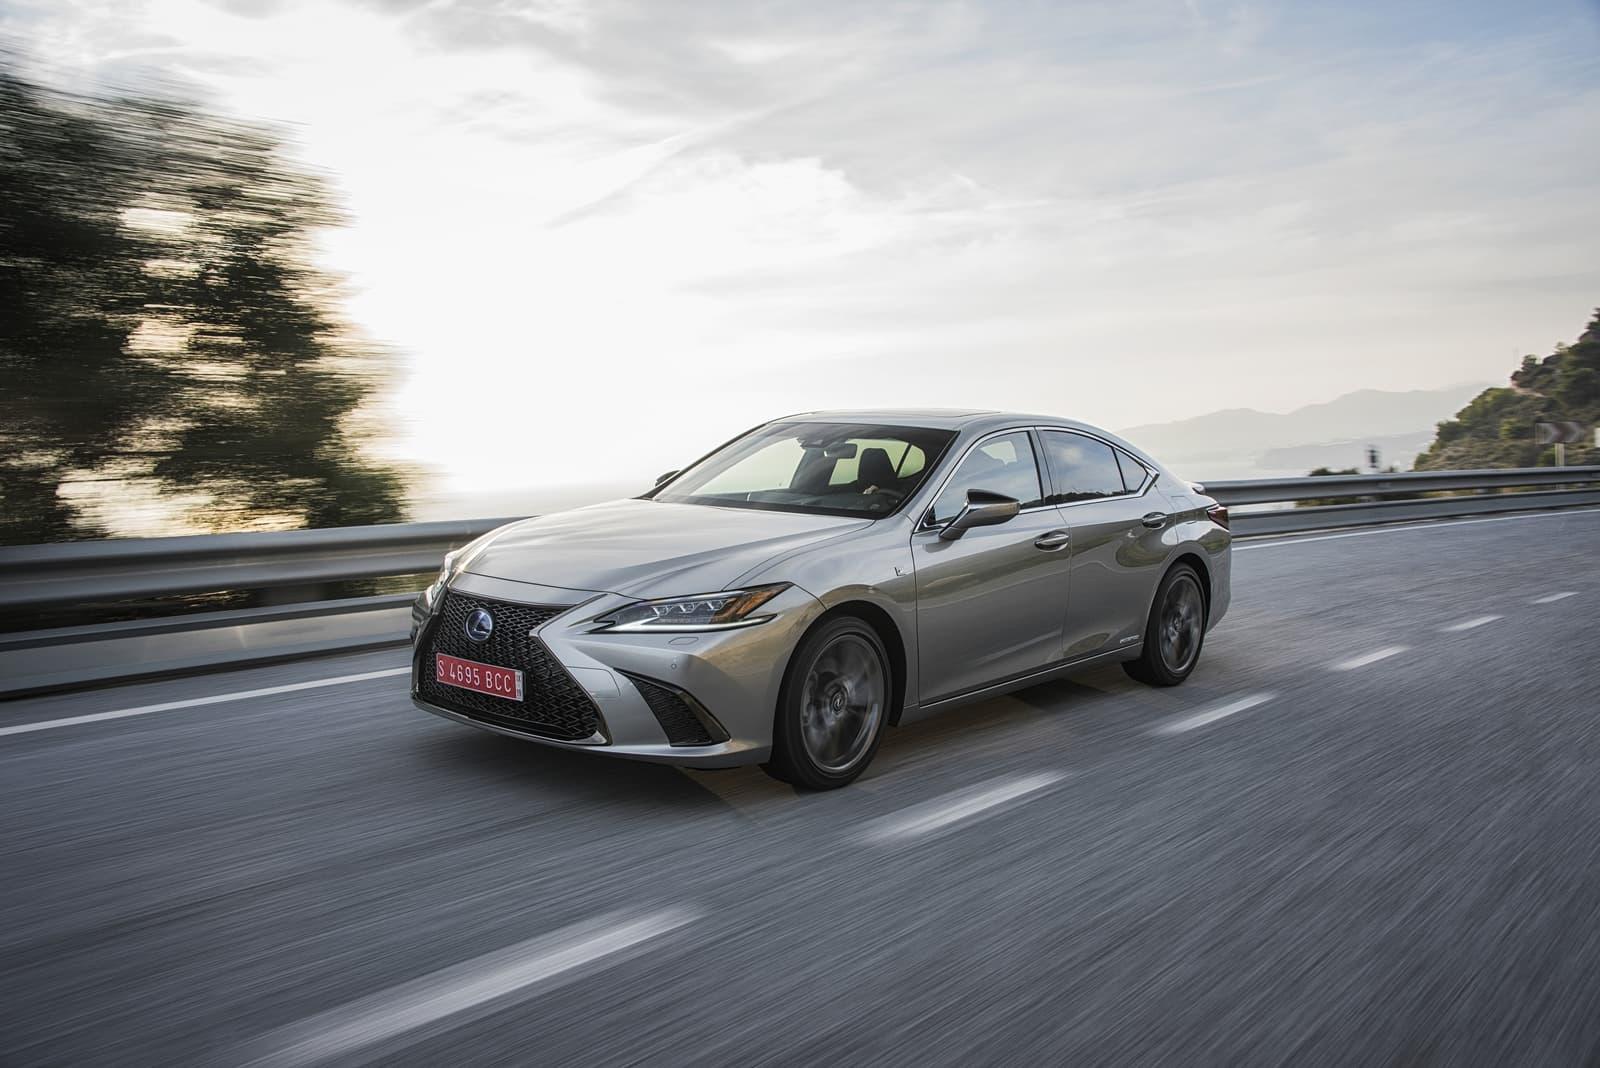 Lexus Es 300h 0319 022